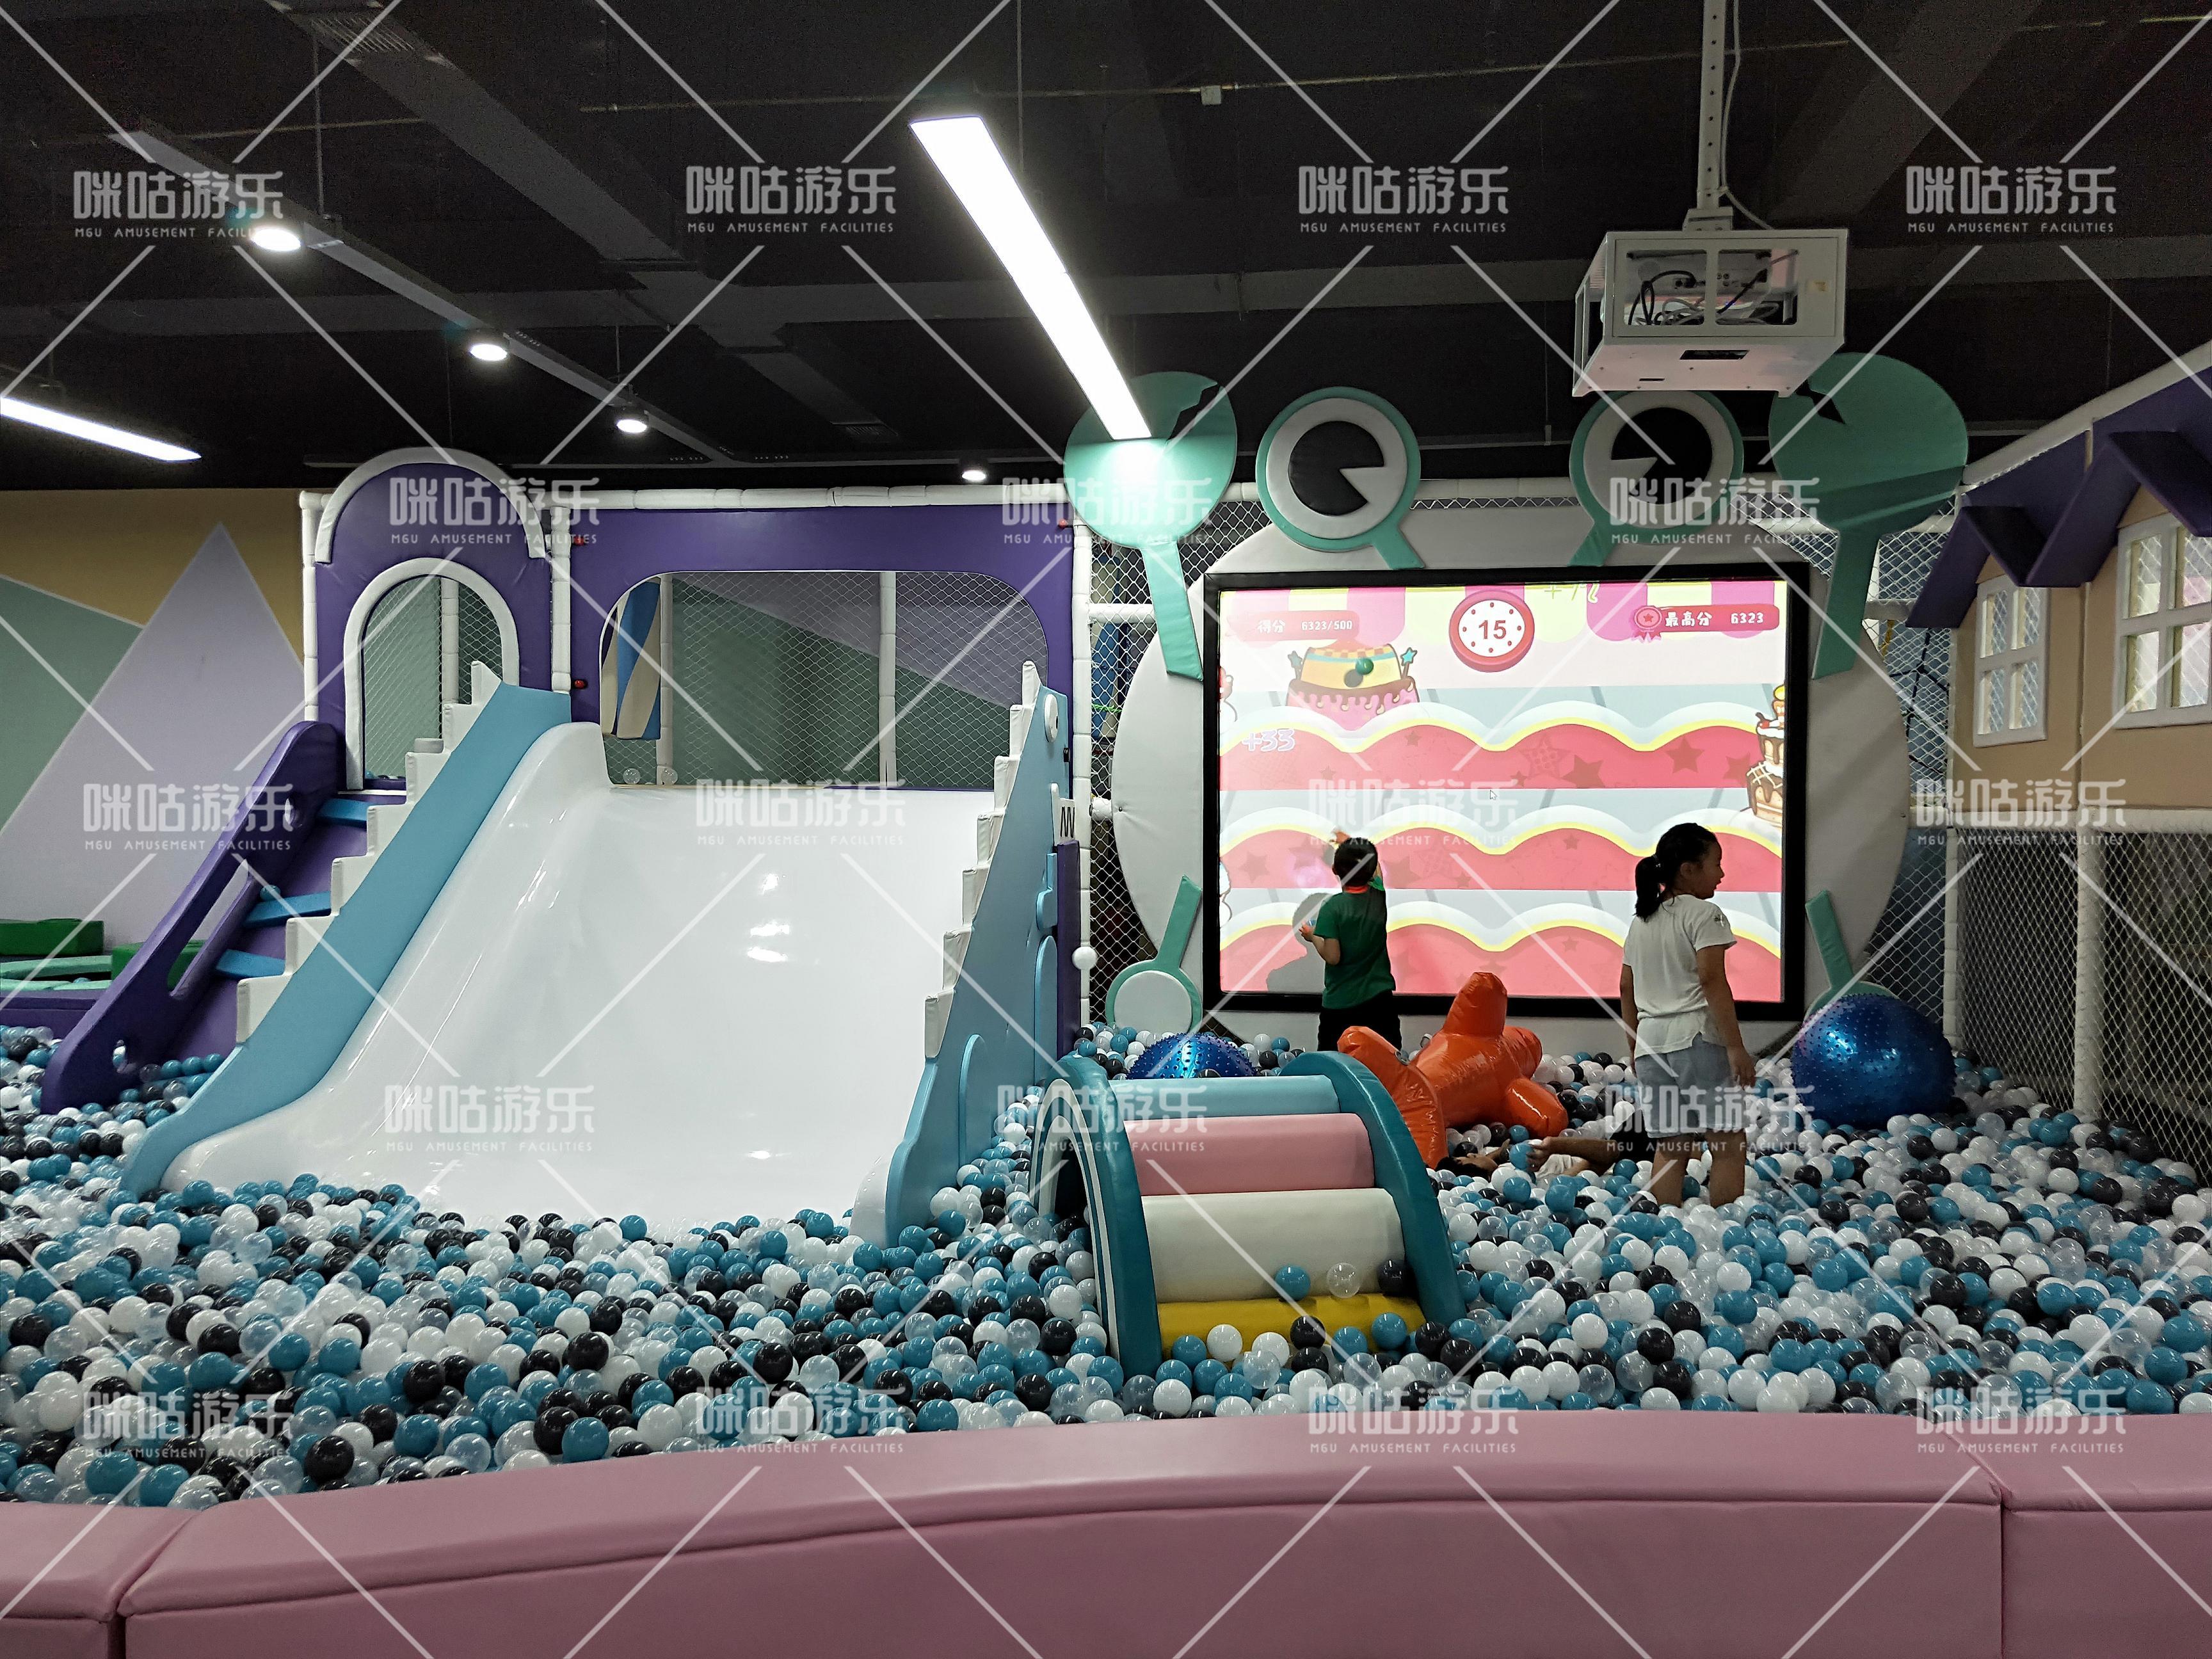 微信图片_20200429155852.jpg 适合1-3岁幼儿的游乐设备有哪些? 加盟资讯 游乐设备第2张